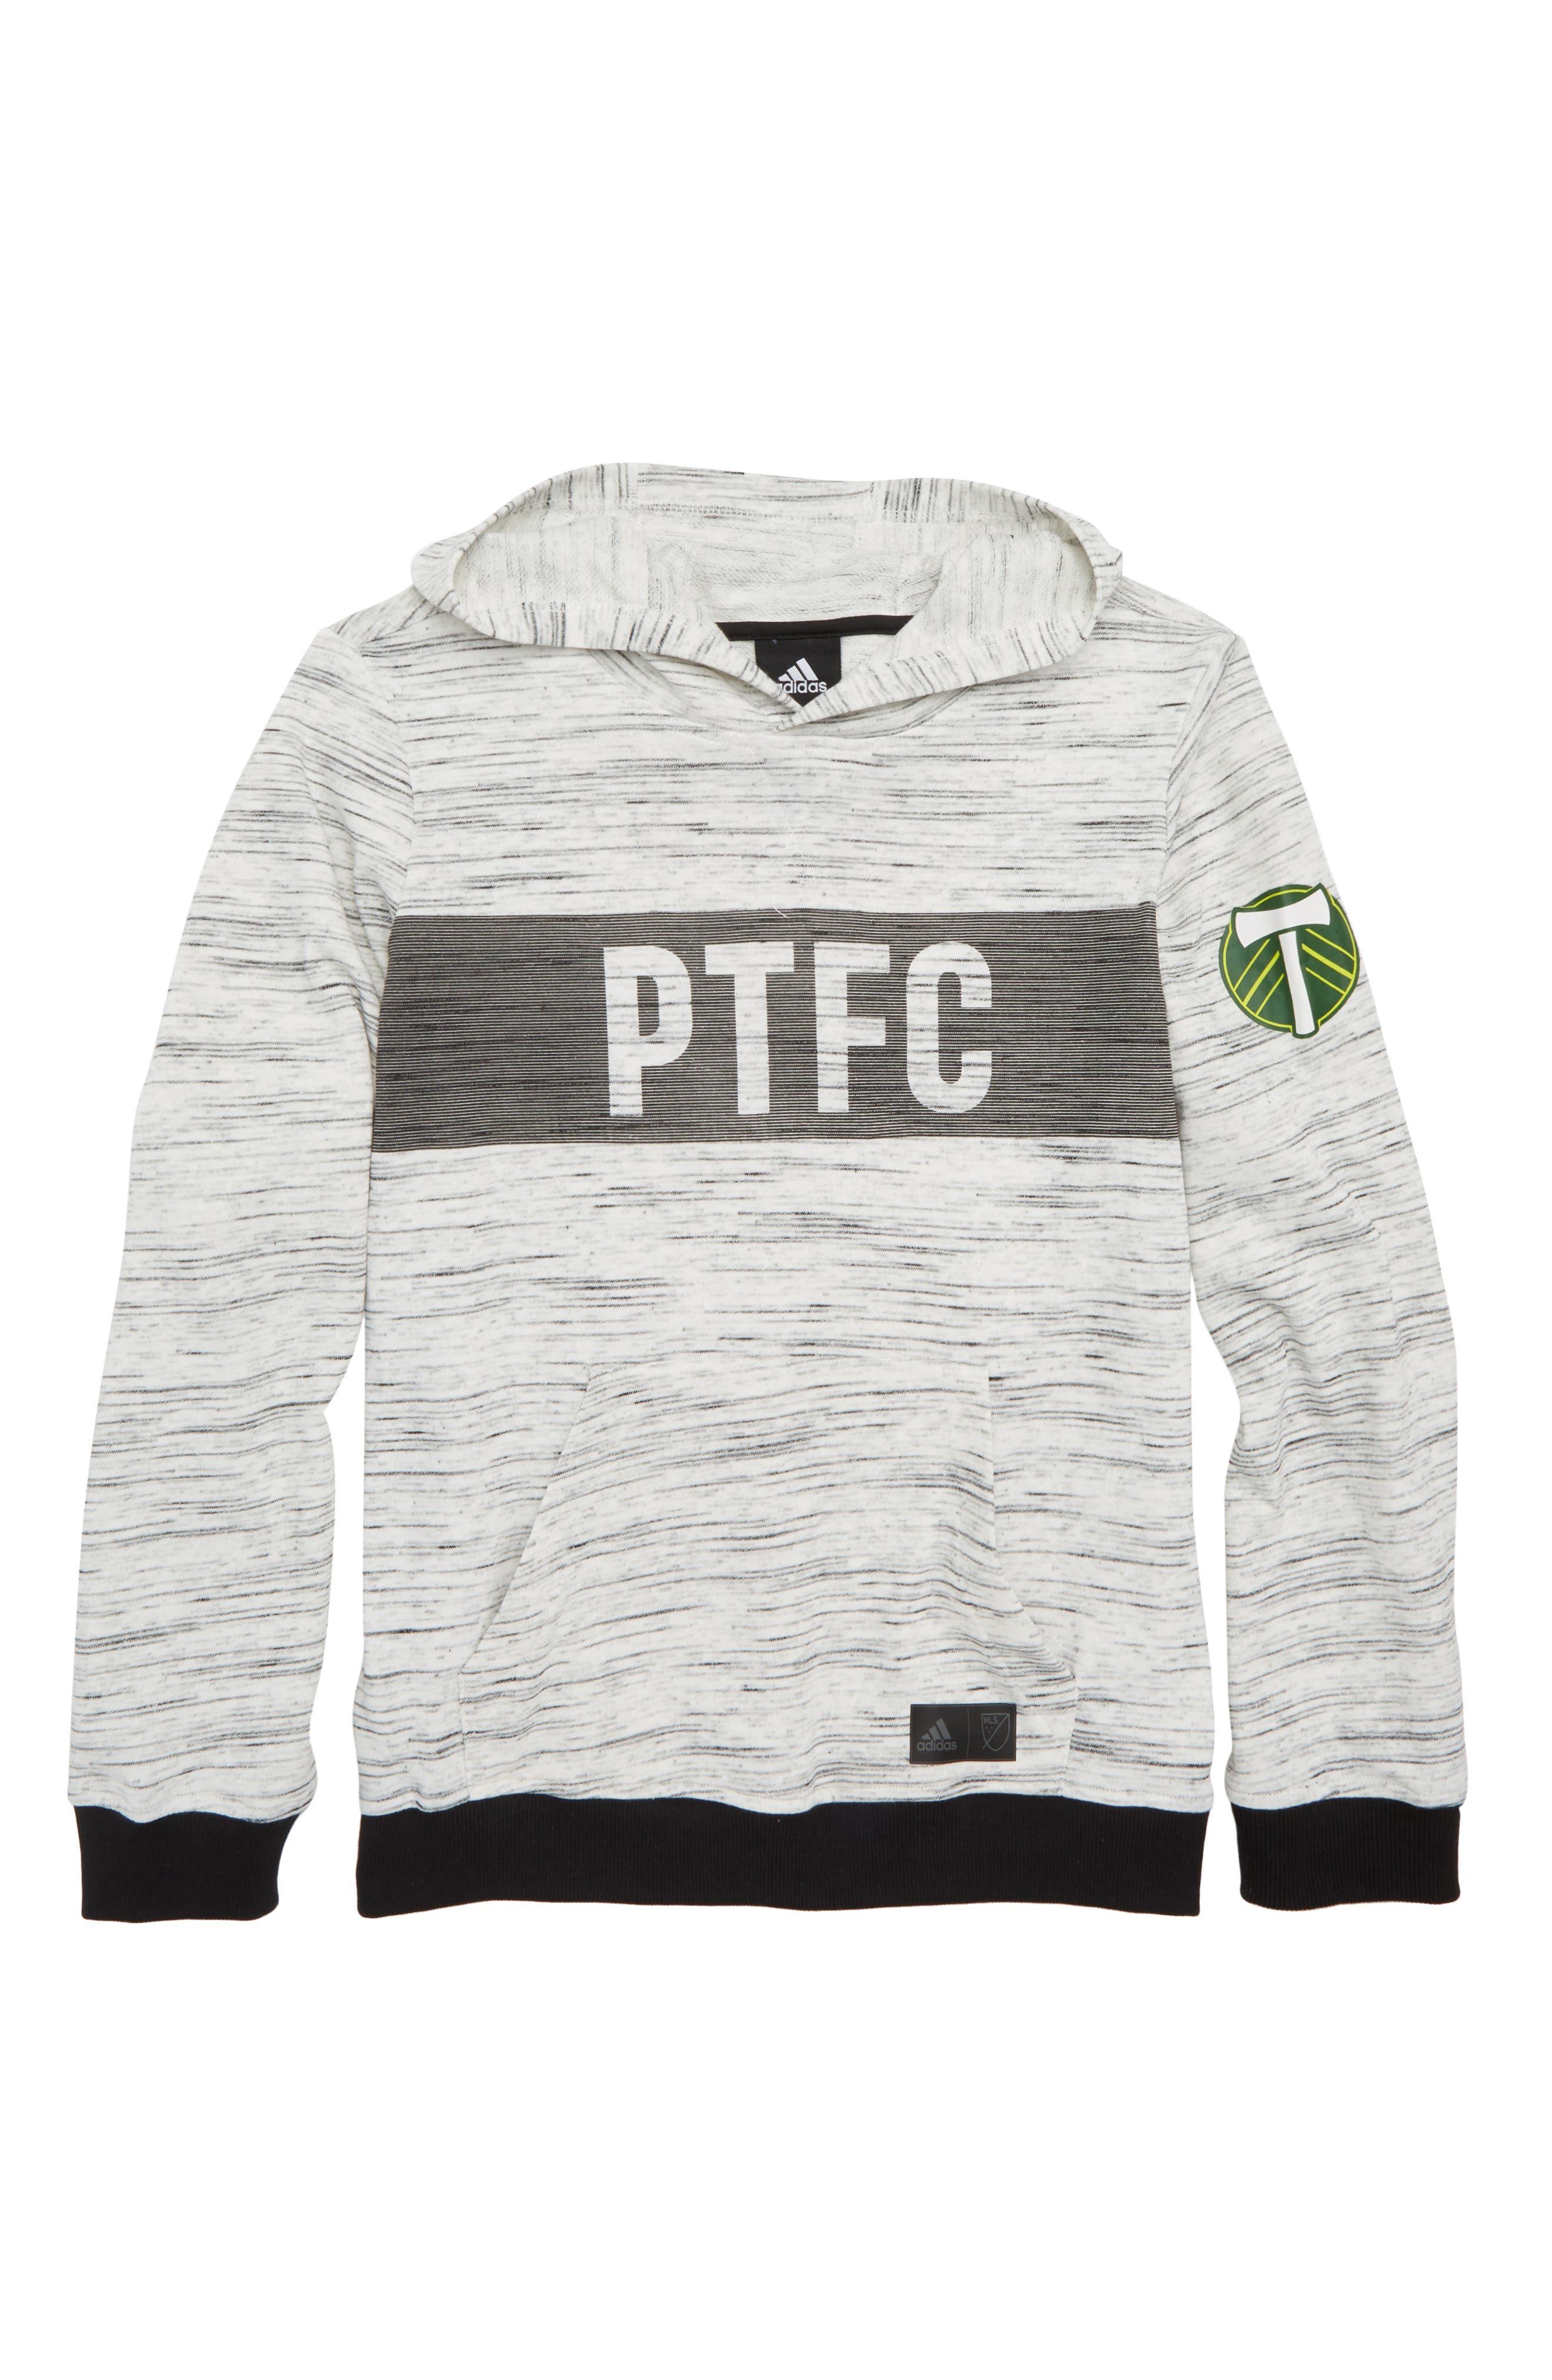 MLS - Portland Timbers Hoodie,                         Main,                         color, 100